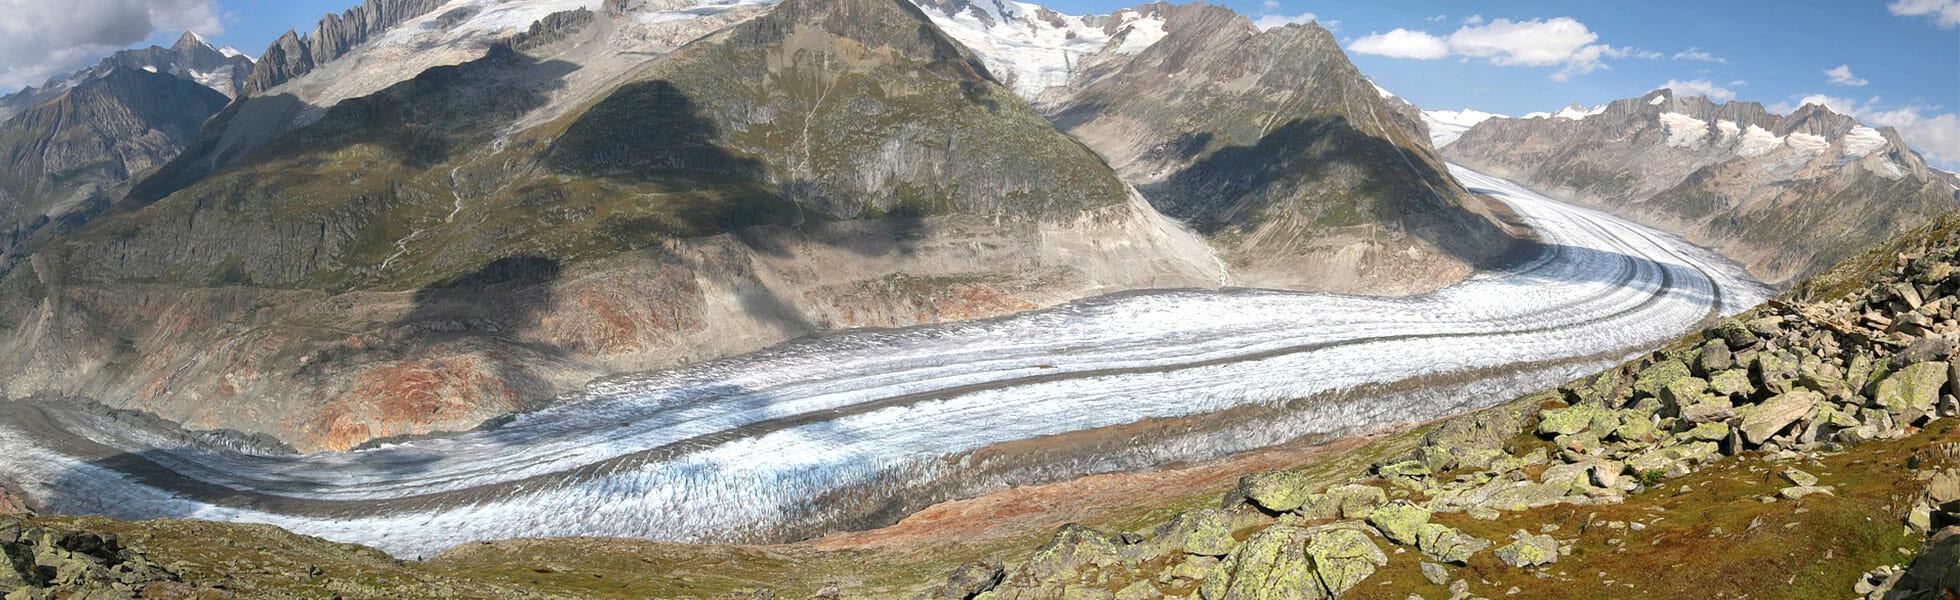 Randonne au glacier d'aletsch